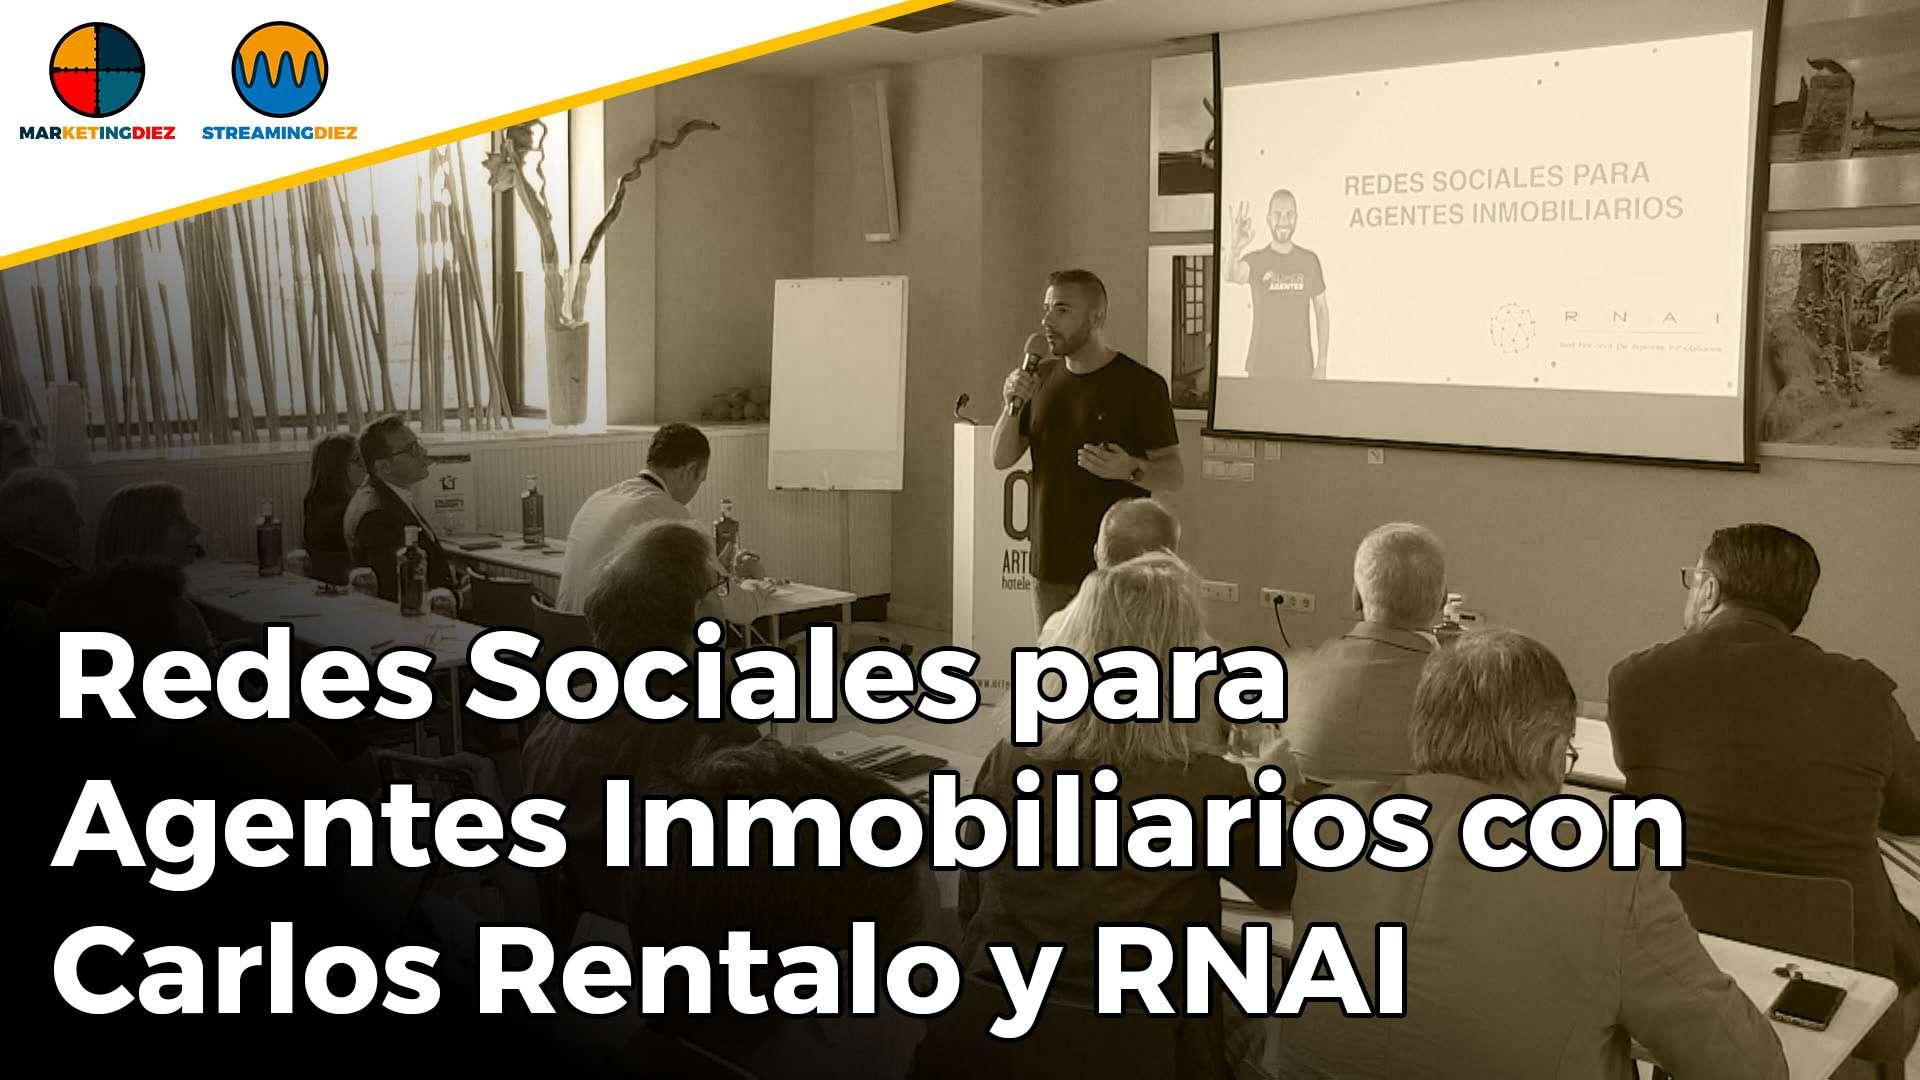 Redes Sociales para Agentes Inmobiliarios con Carlos Rentalo y RNAI